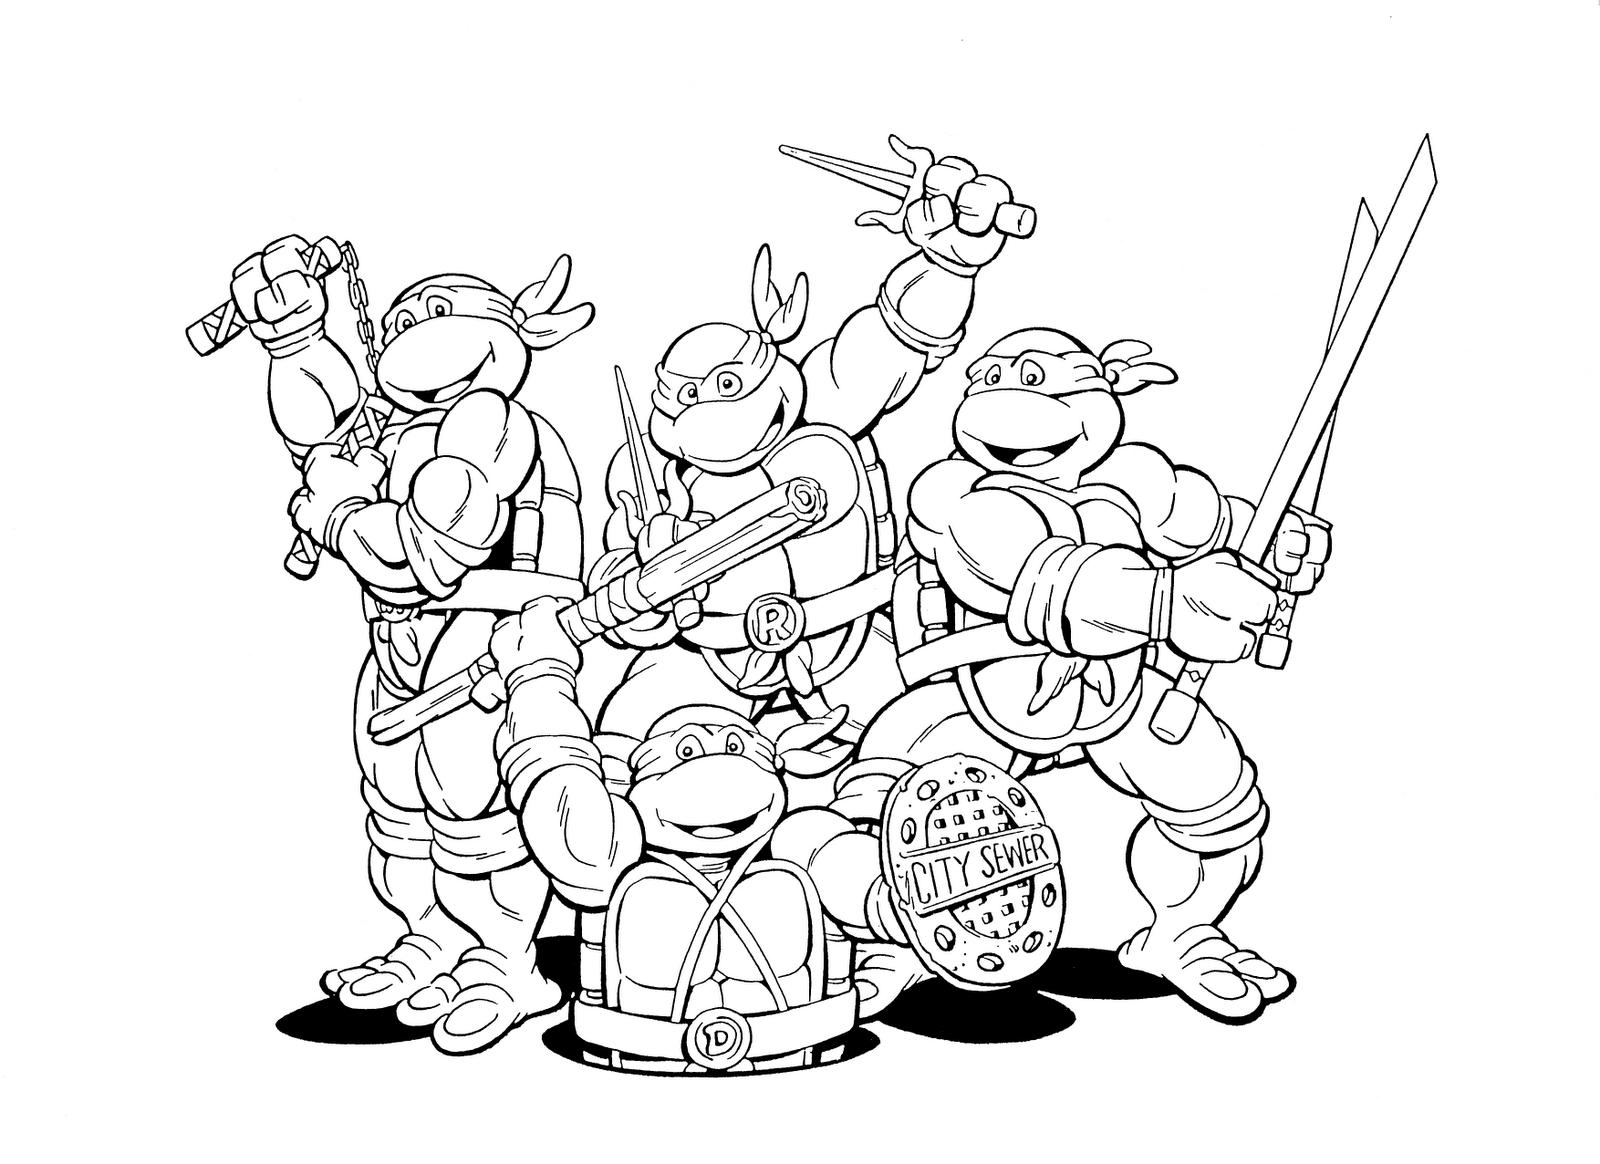 ninja turtles coloring pages for kids kids n funcom 80 coloring pages of ninja turtles pages turtles coloring for kids ninja